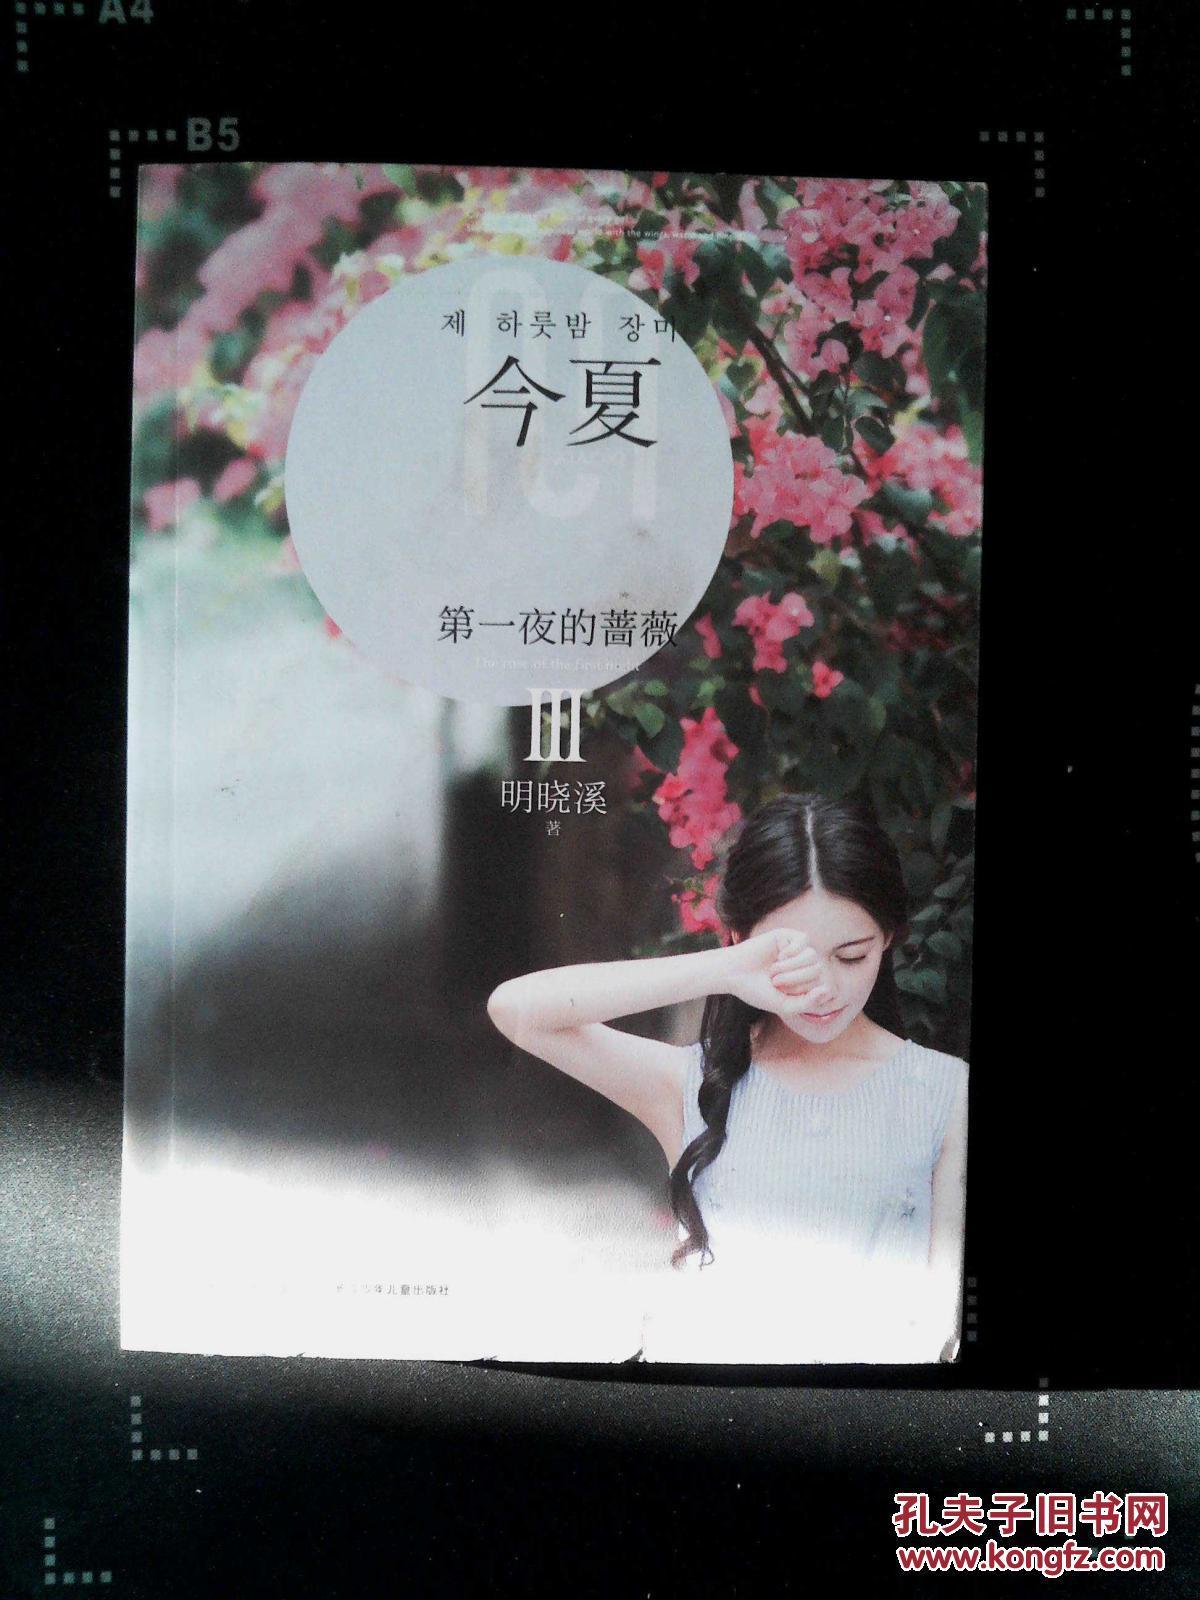 第一夜蔷薇第二部20_第一夜的蔷薇Ⅲ今夏